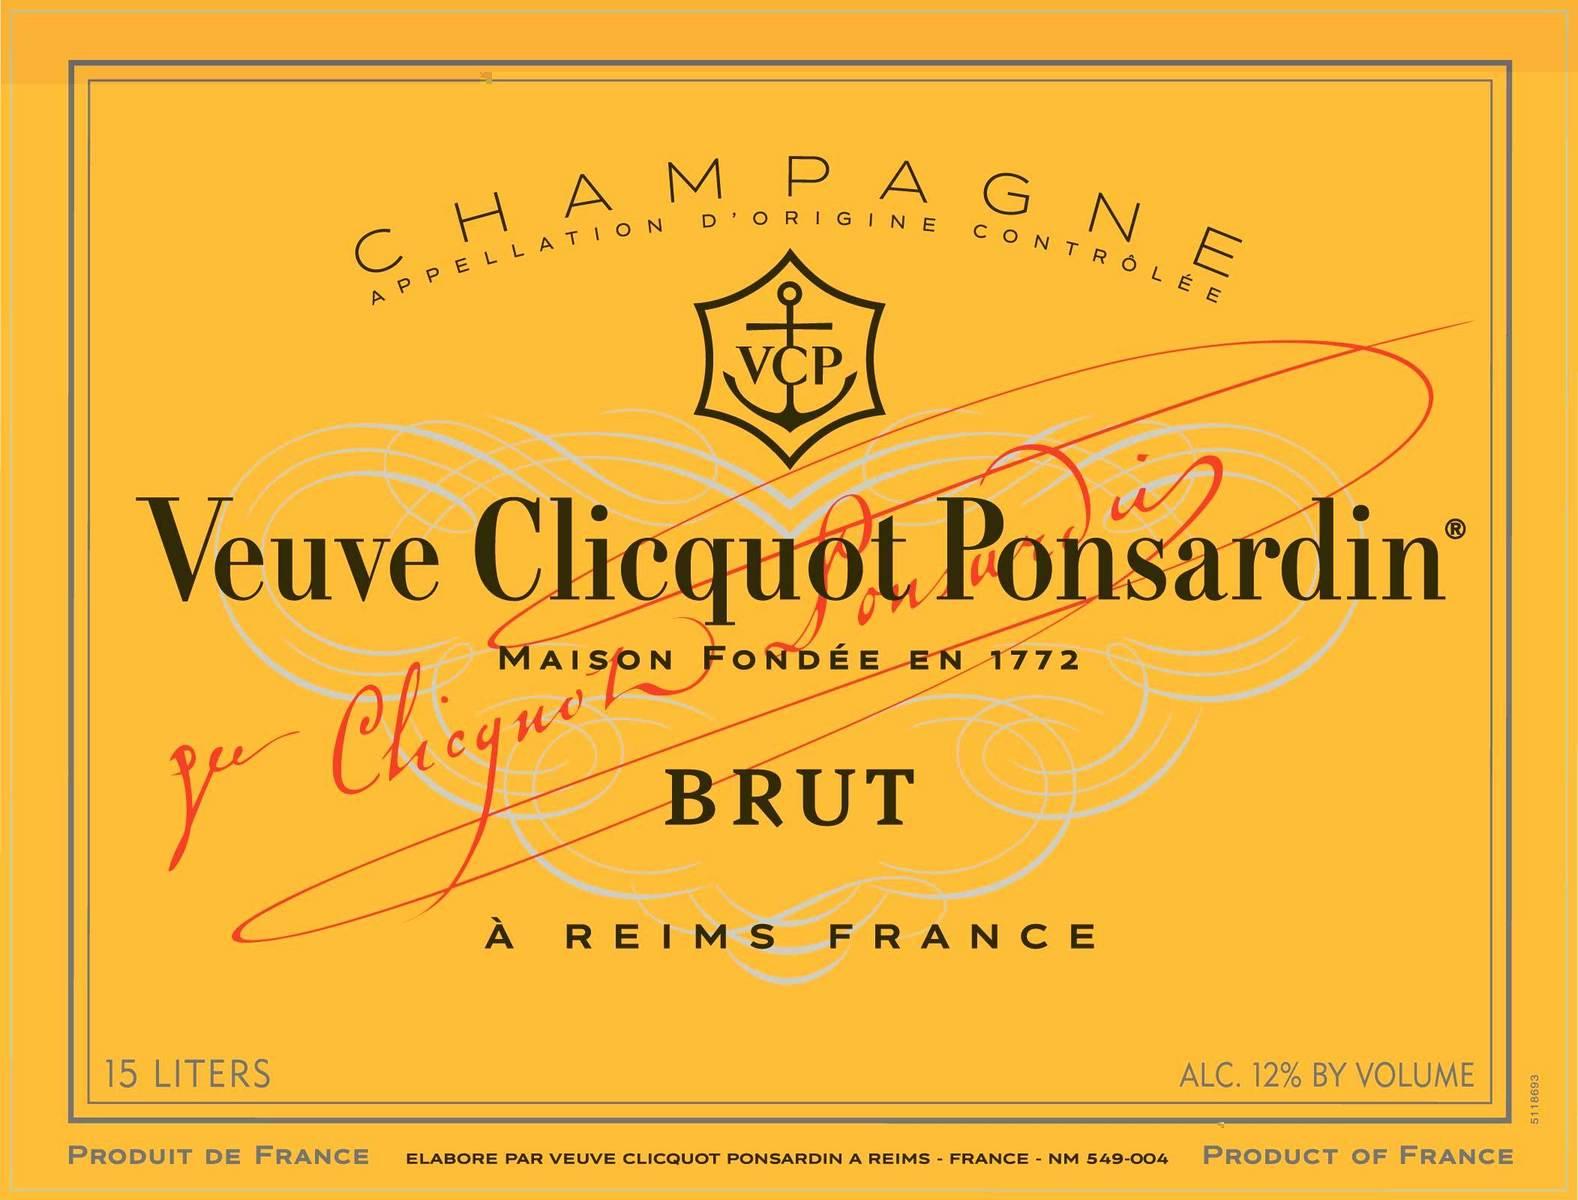 Veuve Clicquot | Sparkling Wine Wikia